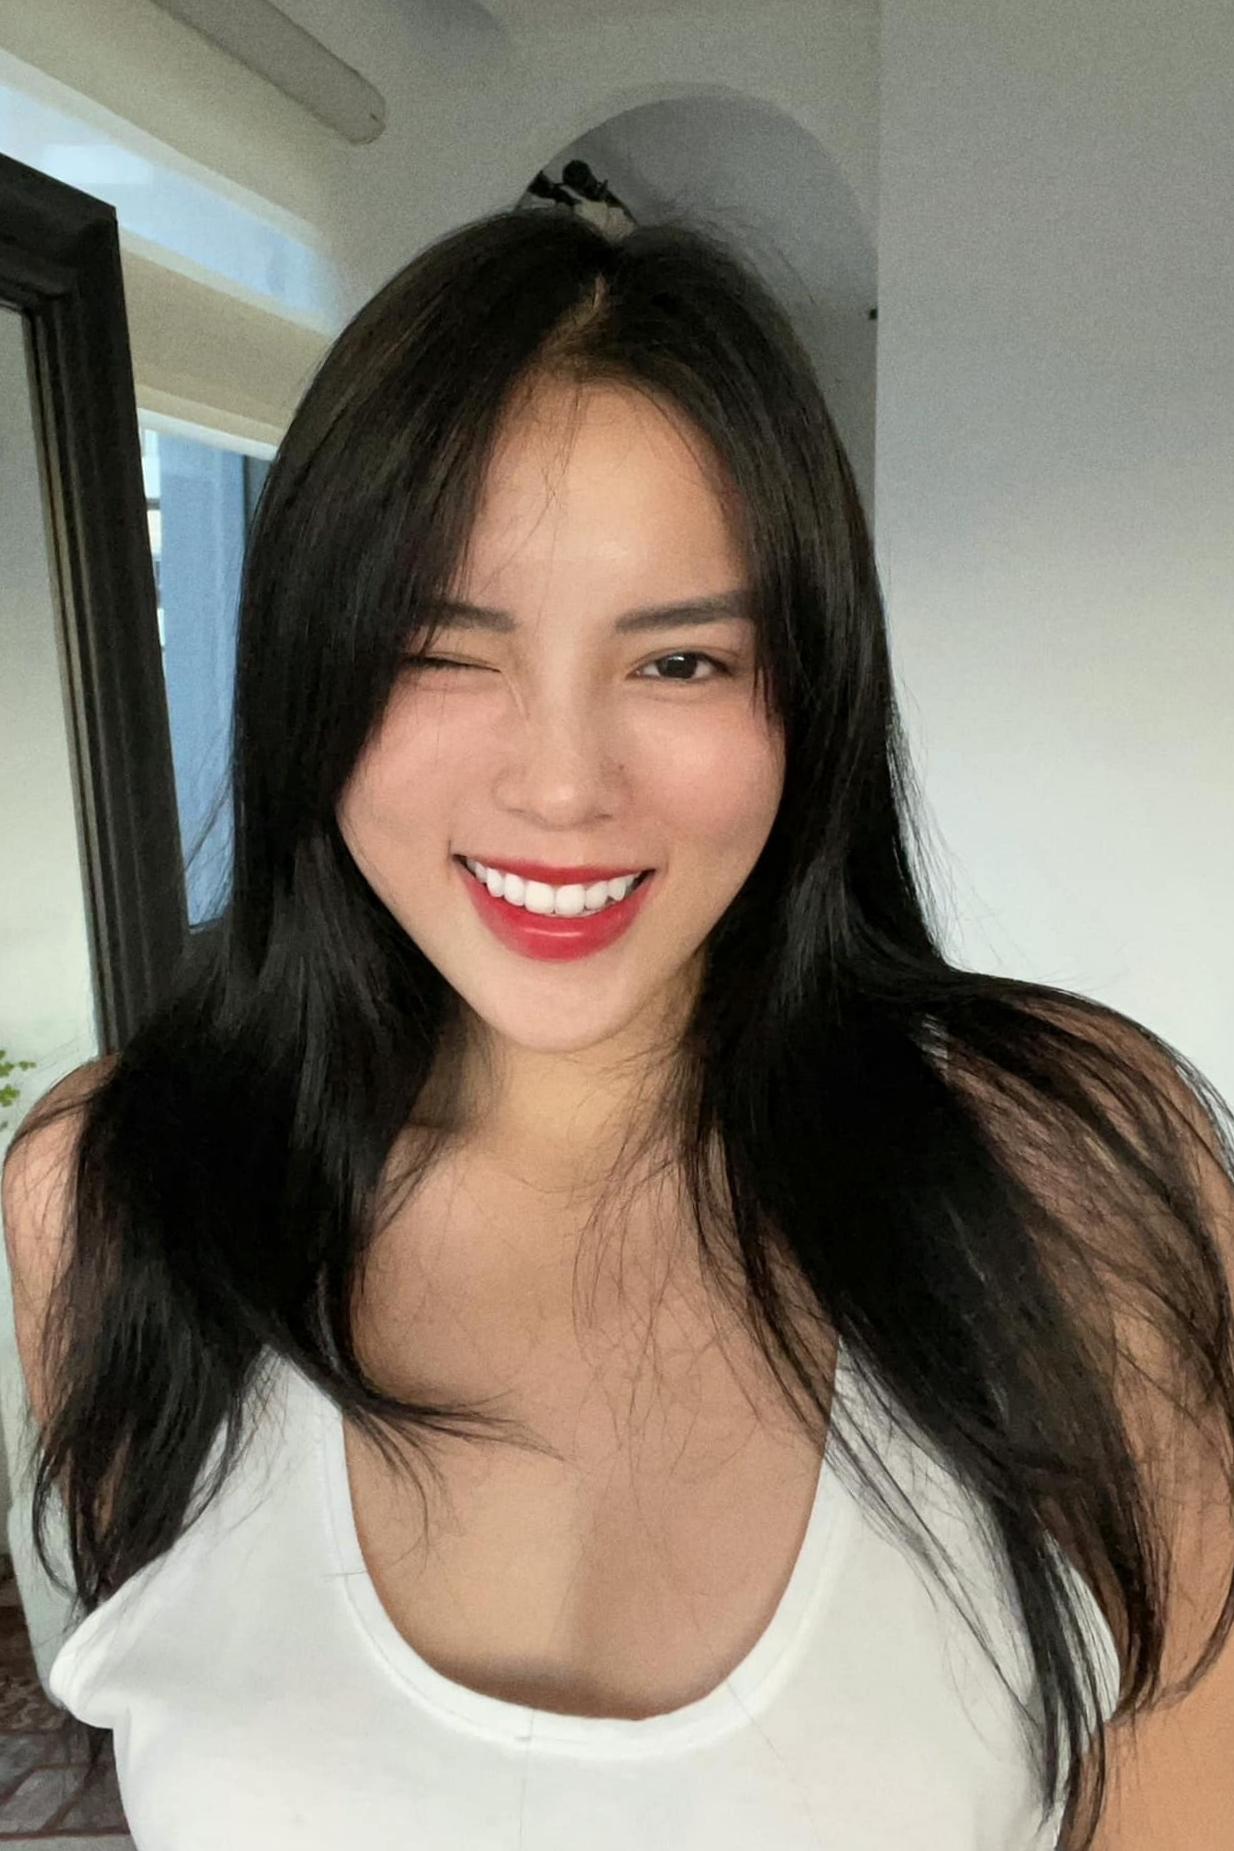 Kỳ Duyên nhờ Minh Triệu cắt tóc giúp mình khi phần mái đã dài quá mắt. Cô nhận xét bạn thân cắt tóc đẹp, chuyên nghiệp.